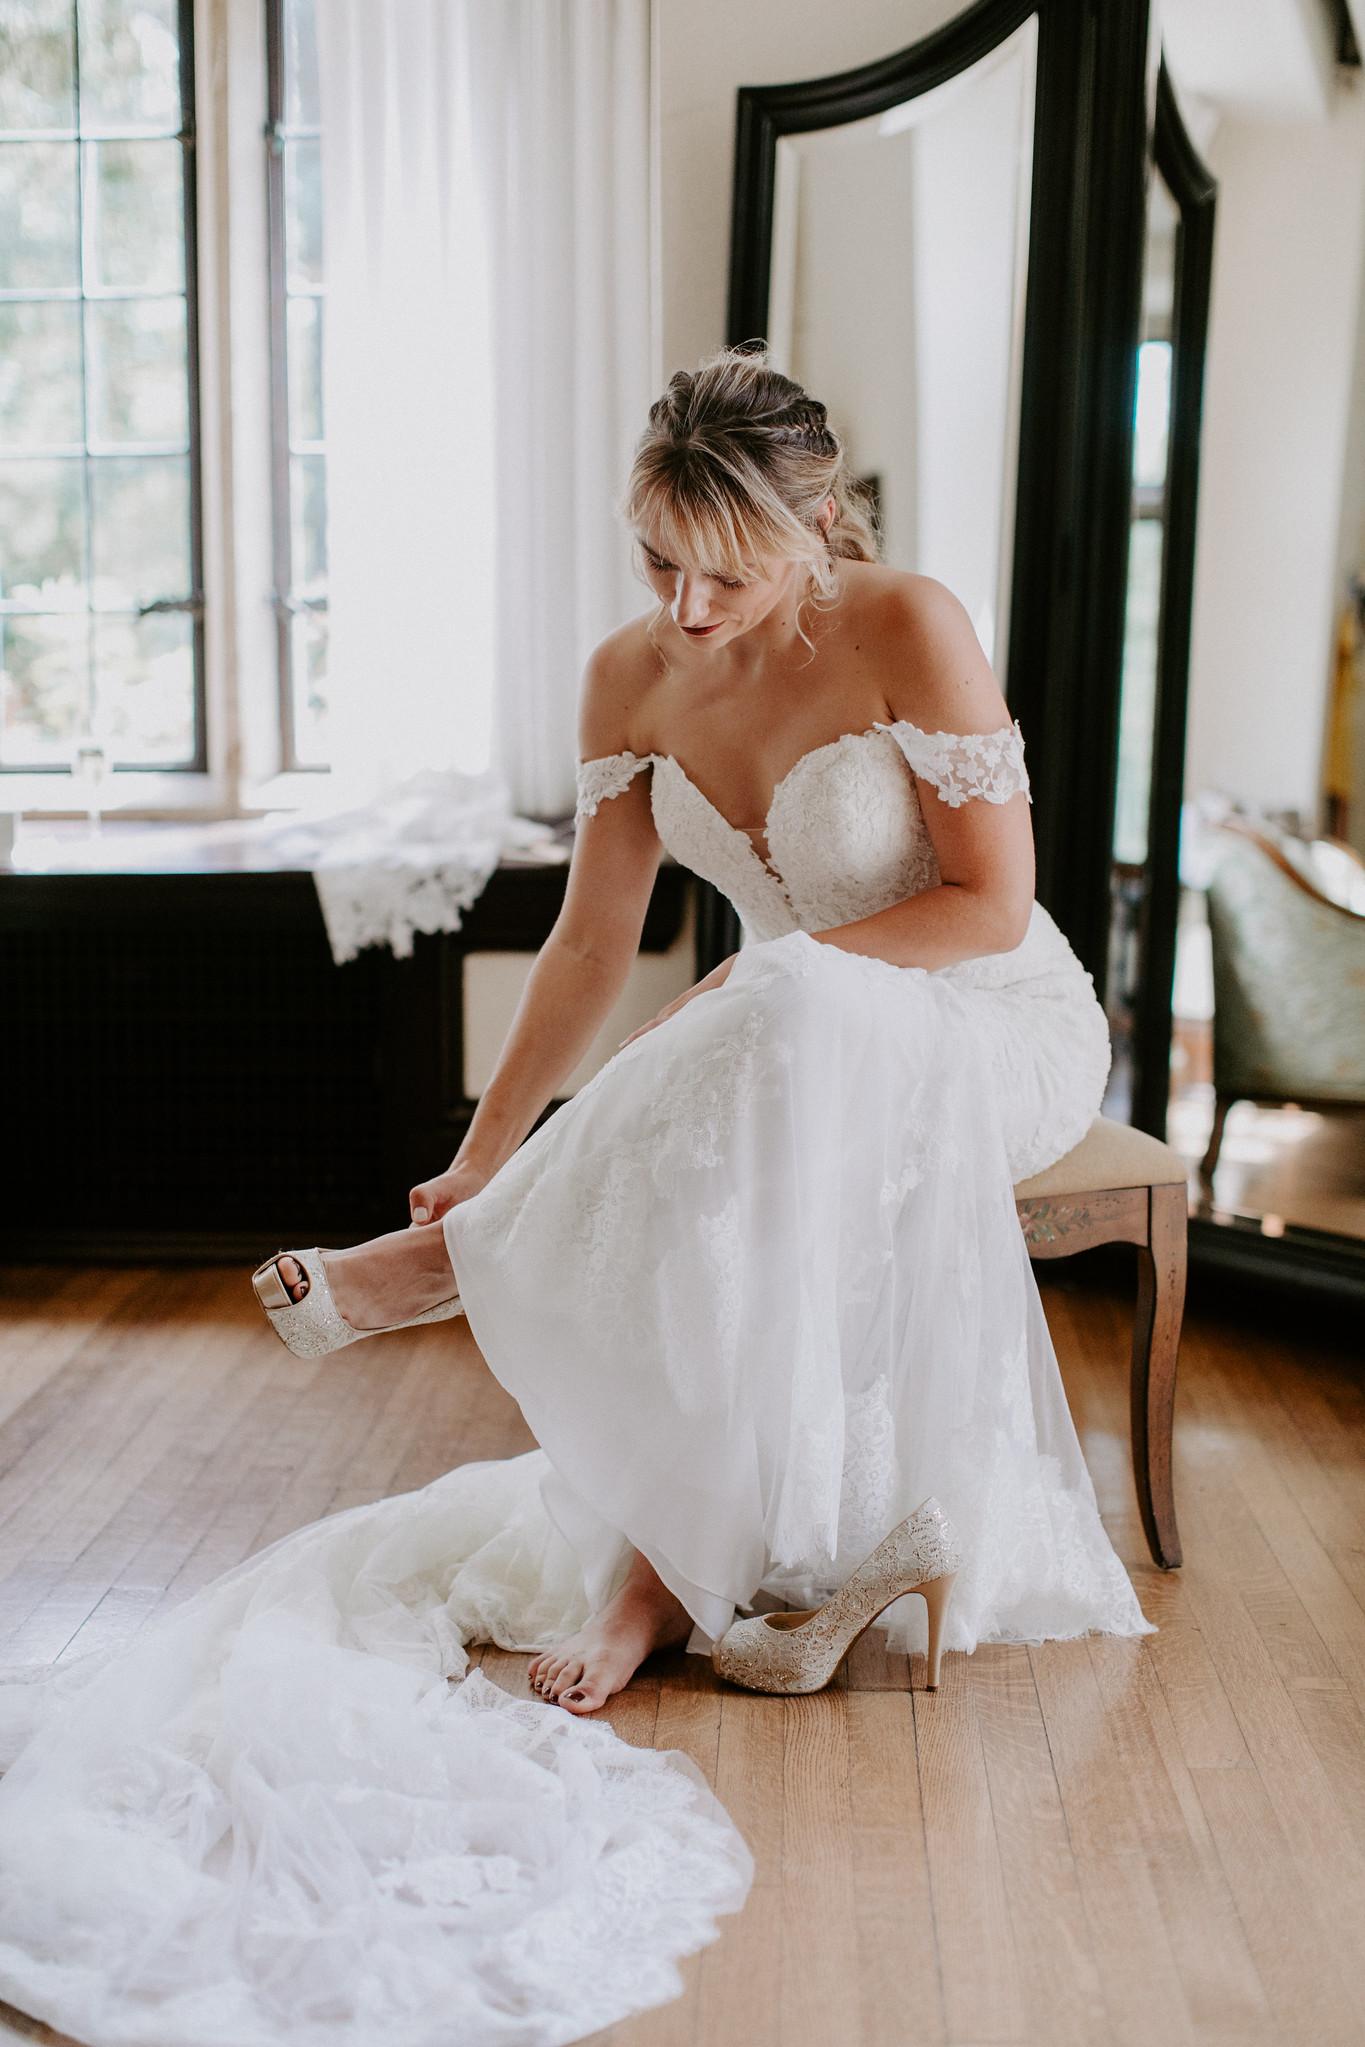 Sarah Brookhart